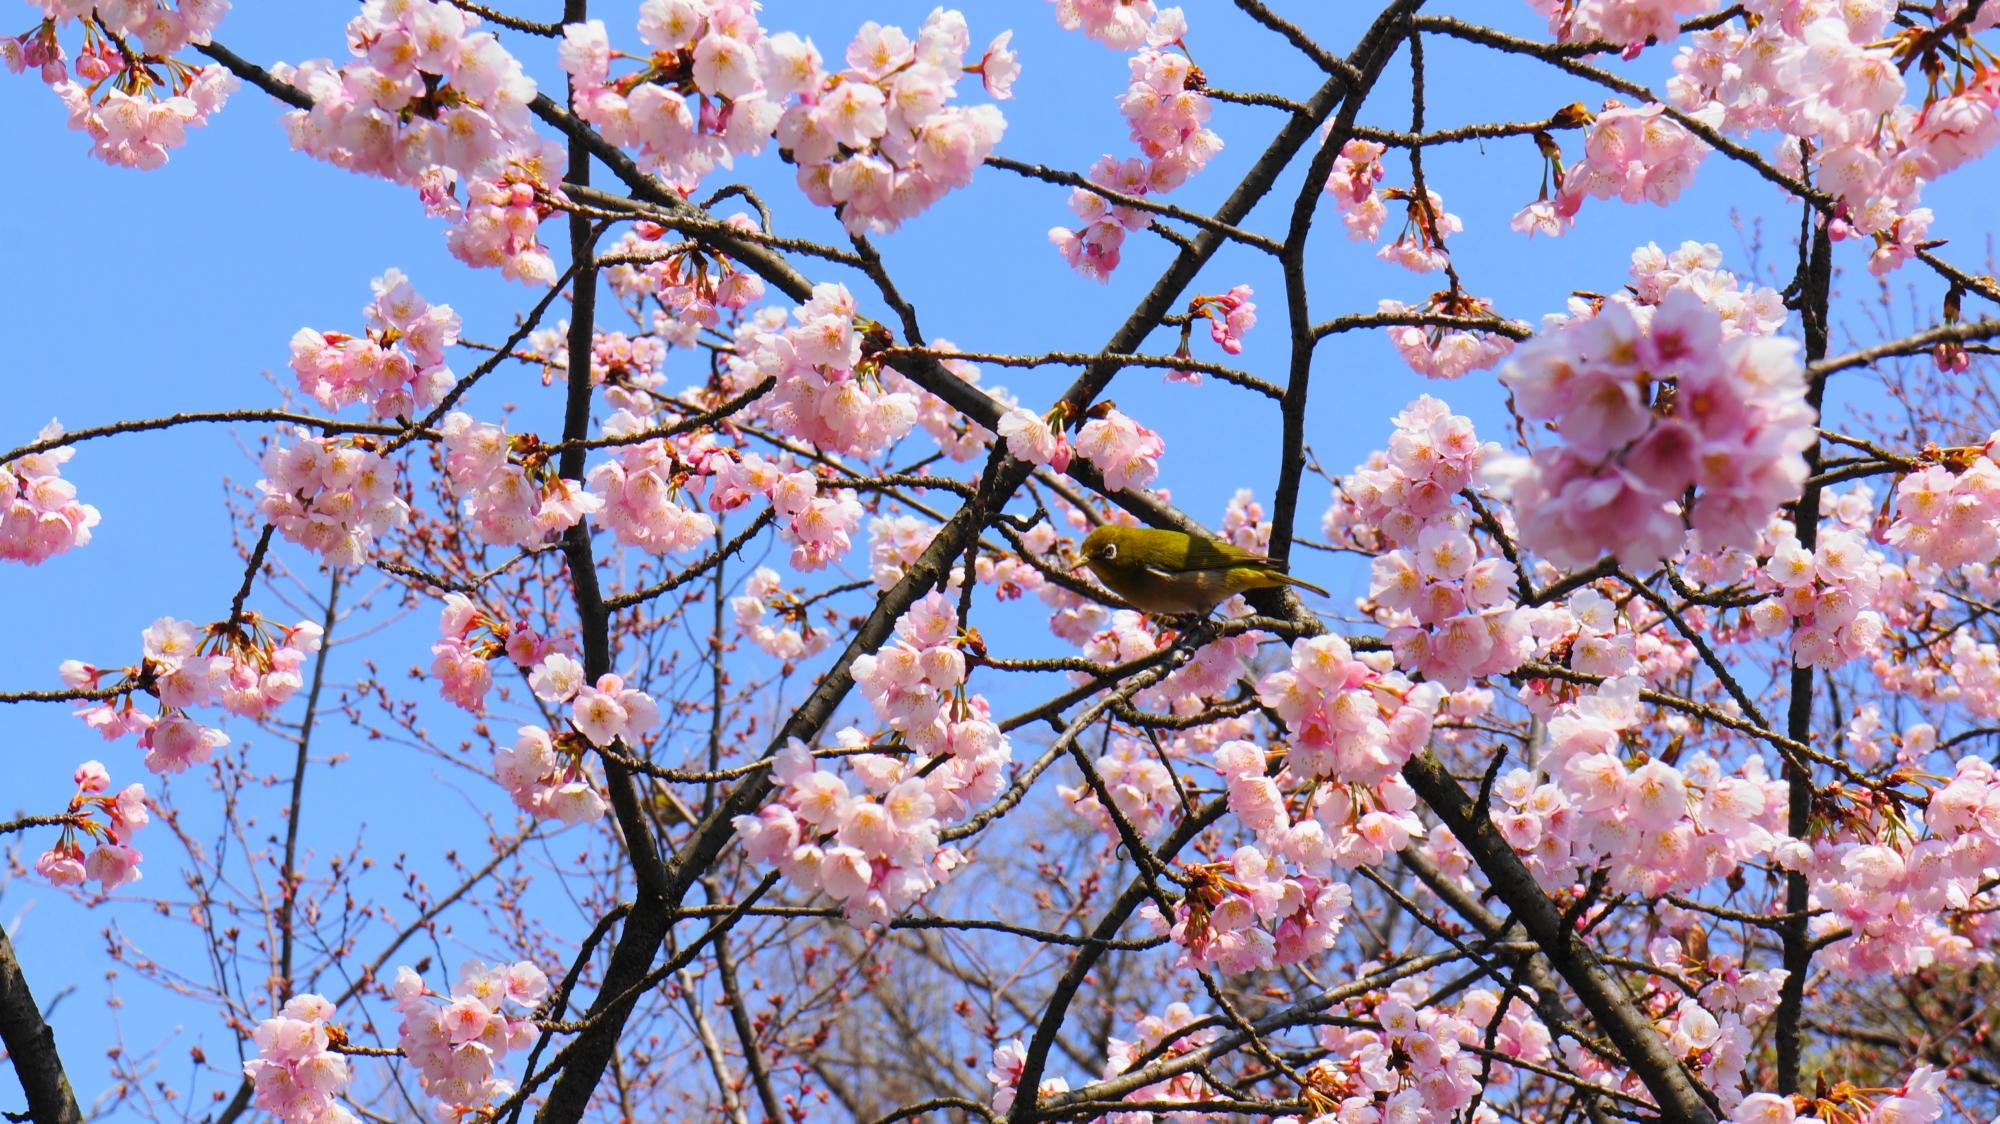 渉成園の桜の花の中で戯れるメジロ